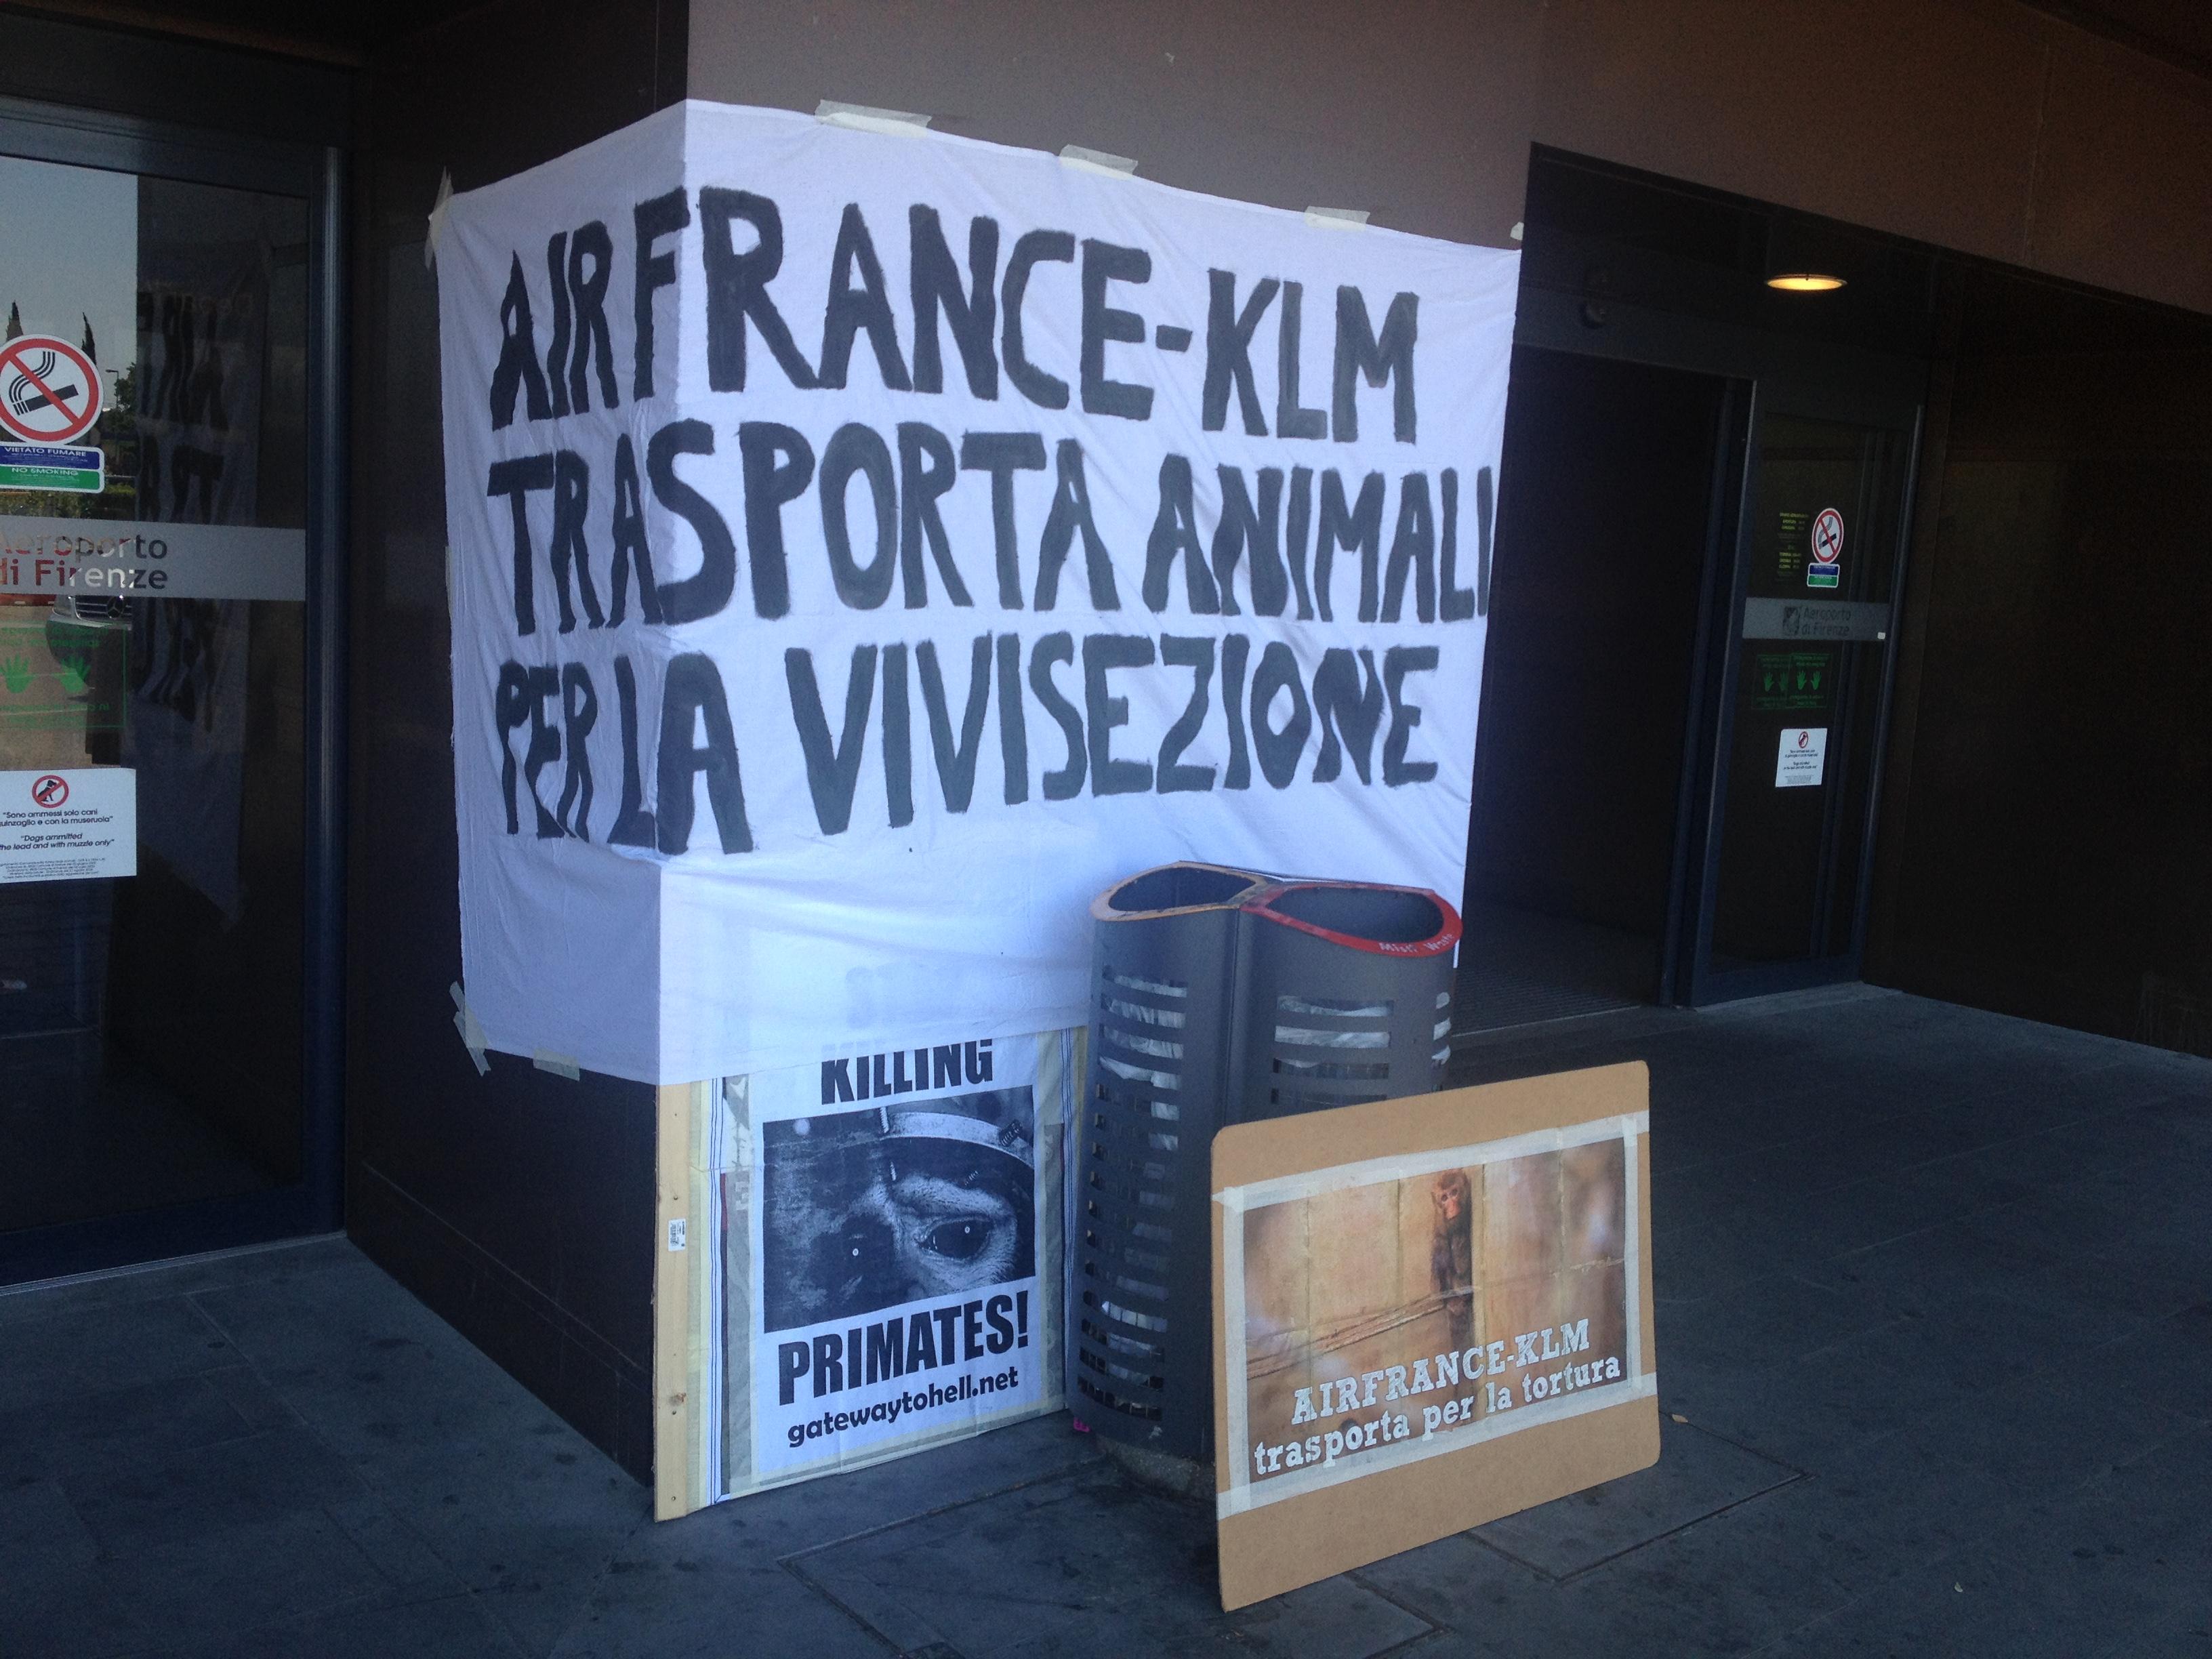 """Striscione e cartelli esposti davanti all'entrata principale dell'aeroporto """"Amerigo Vespucci"""" di Firenze"""